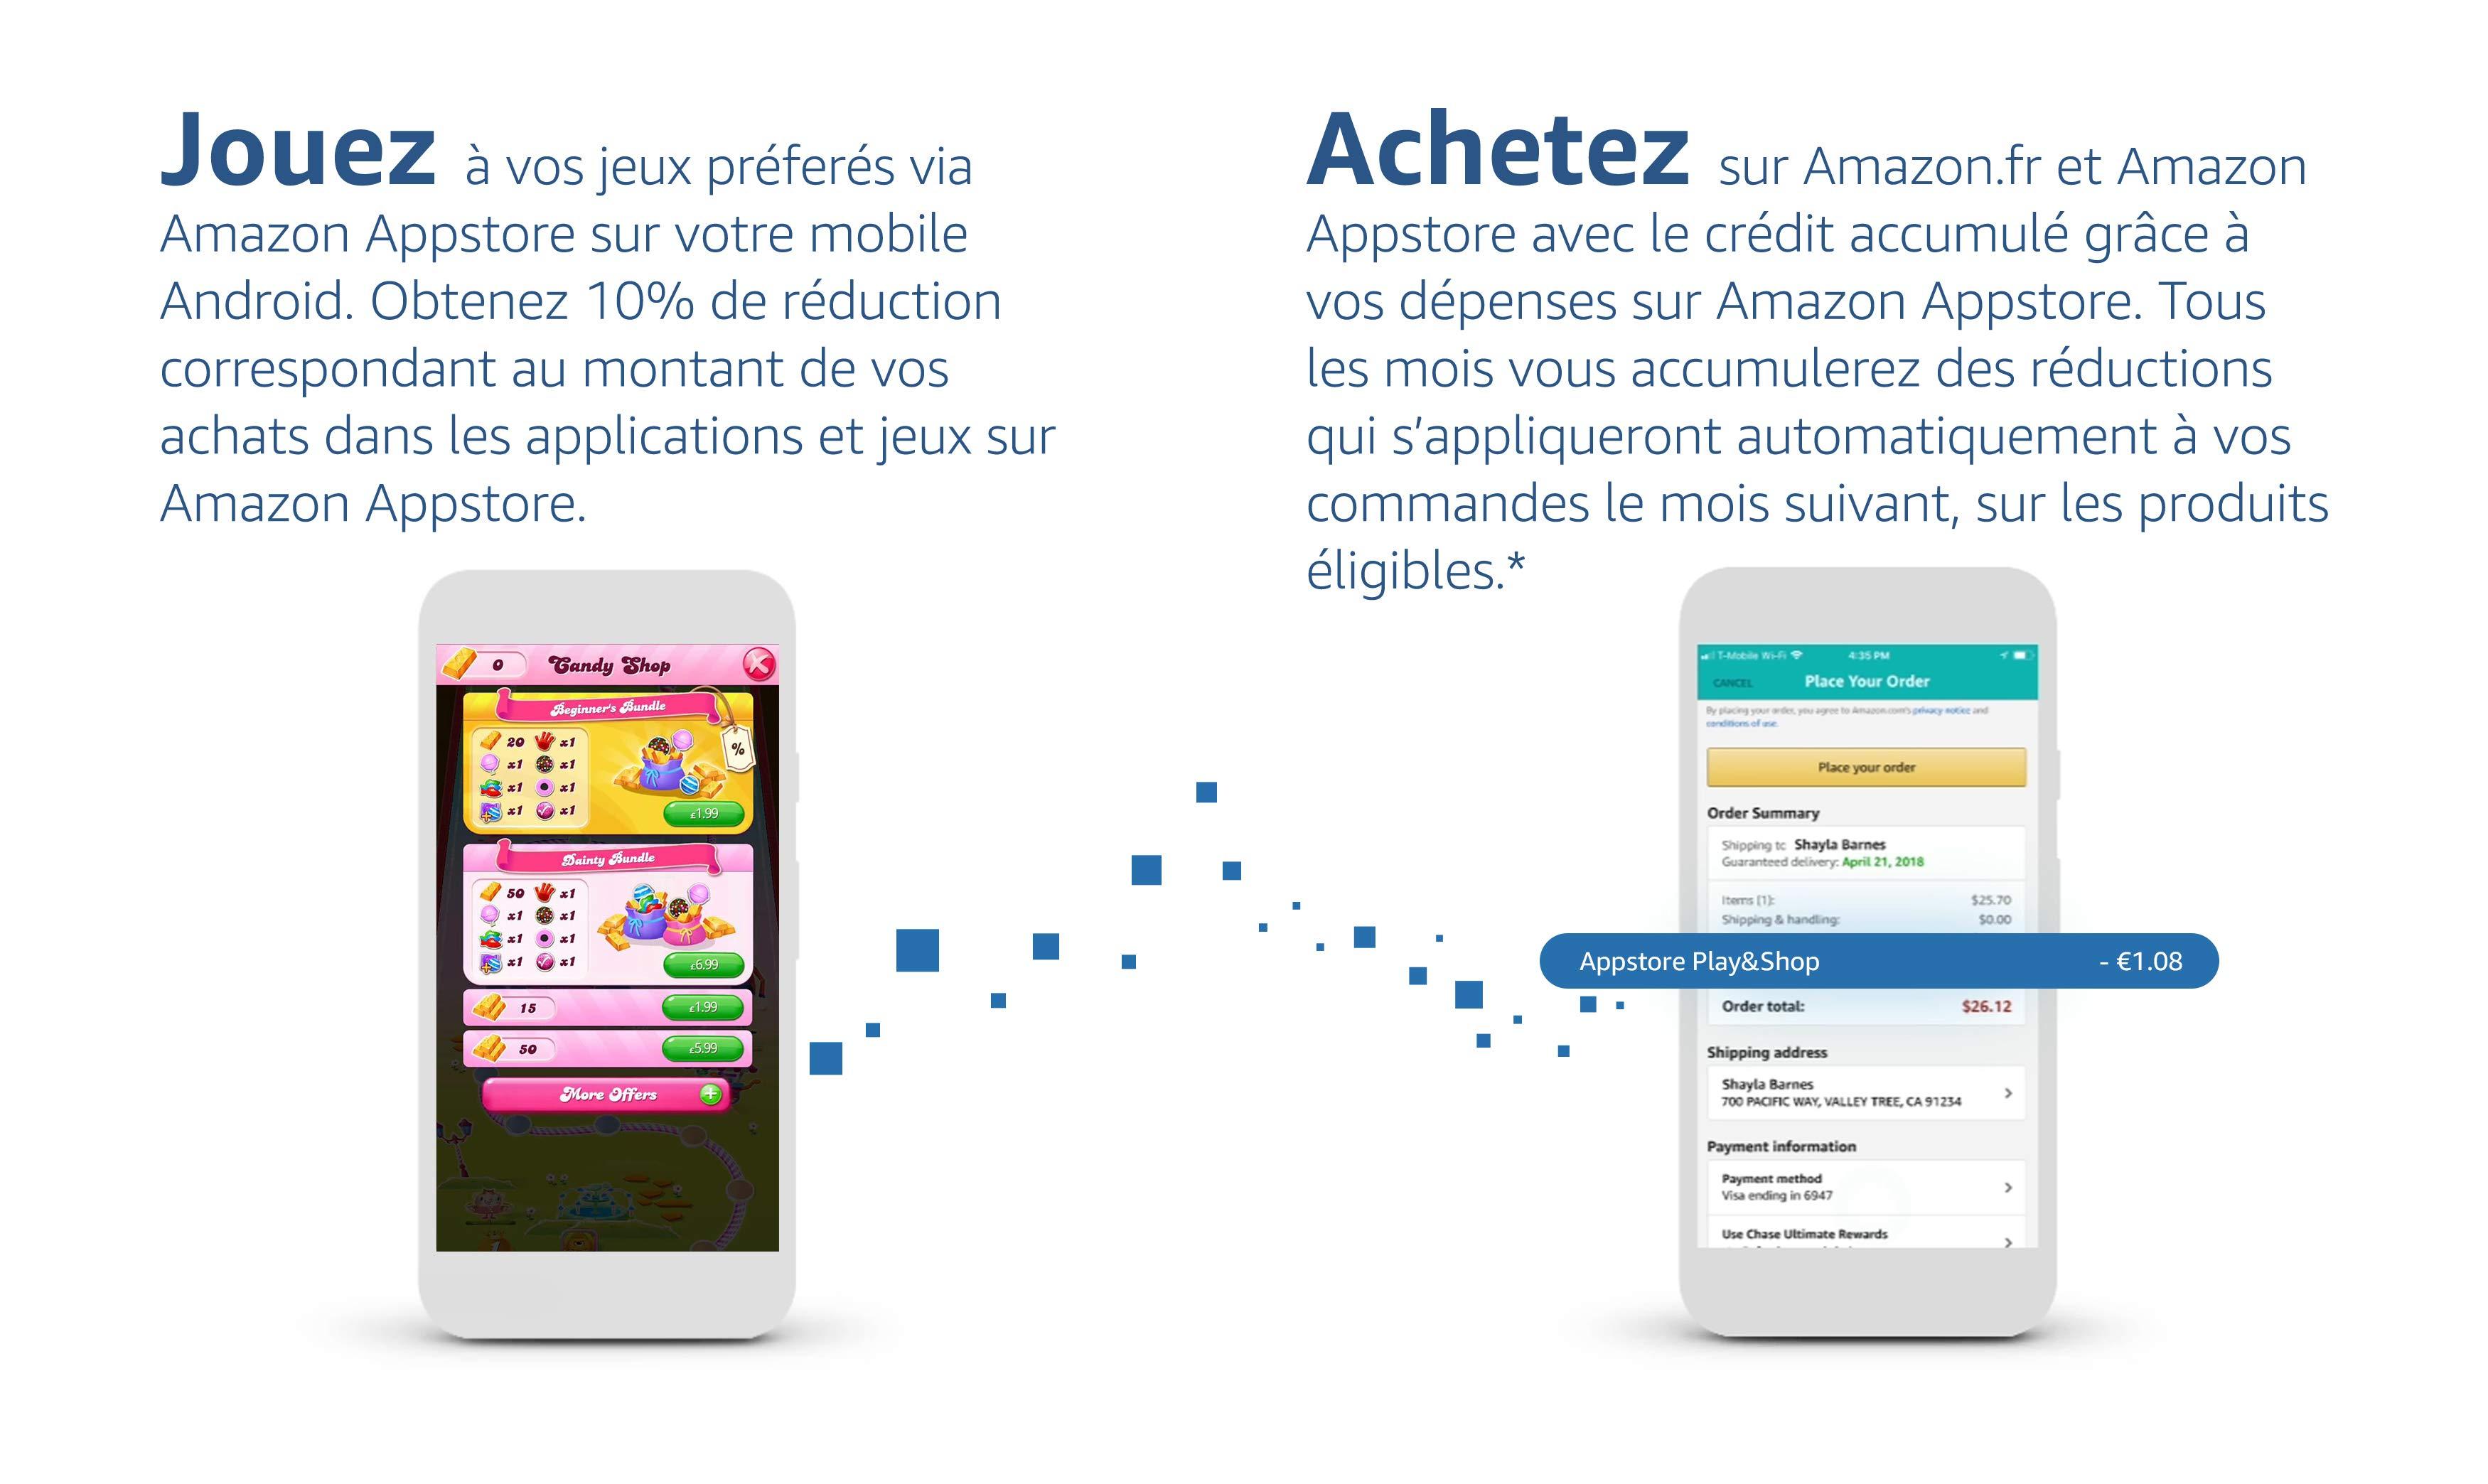 Jouez à vos jeux préférés et Achetez sur Amazon.fr et Amazon Appstore